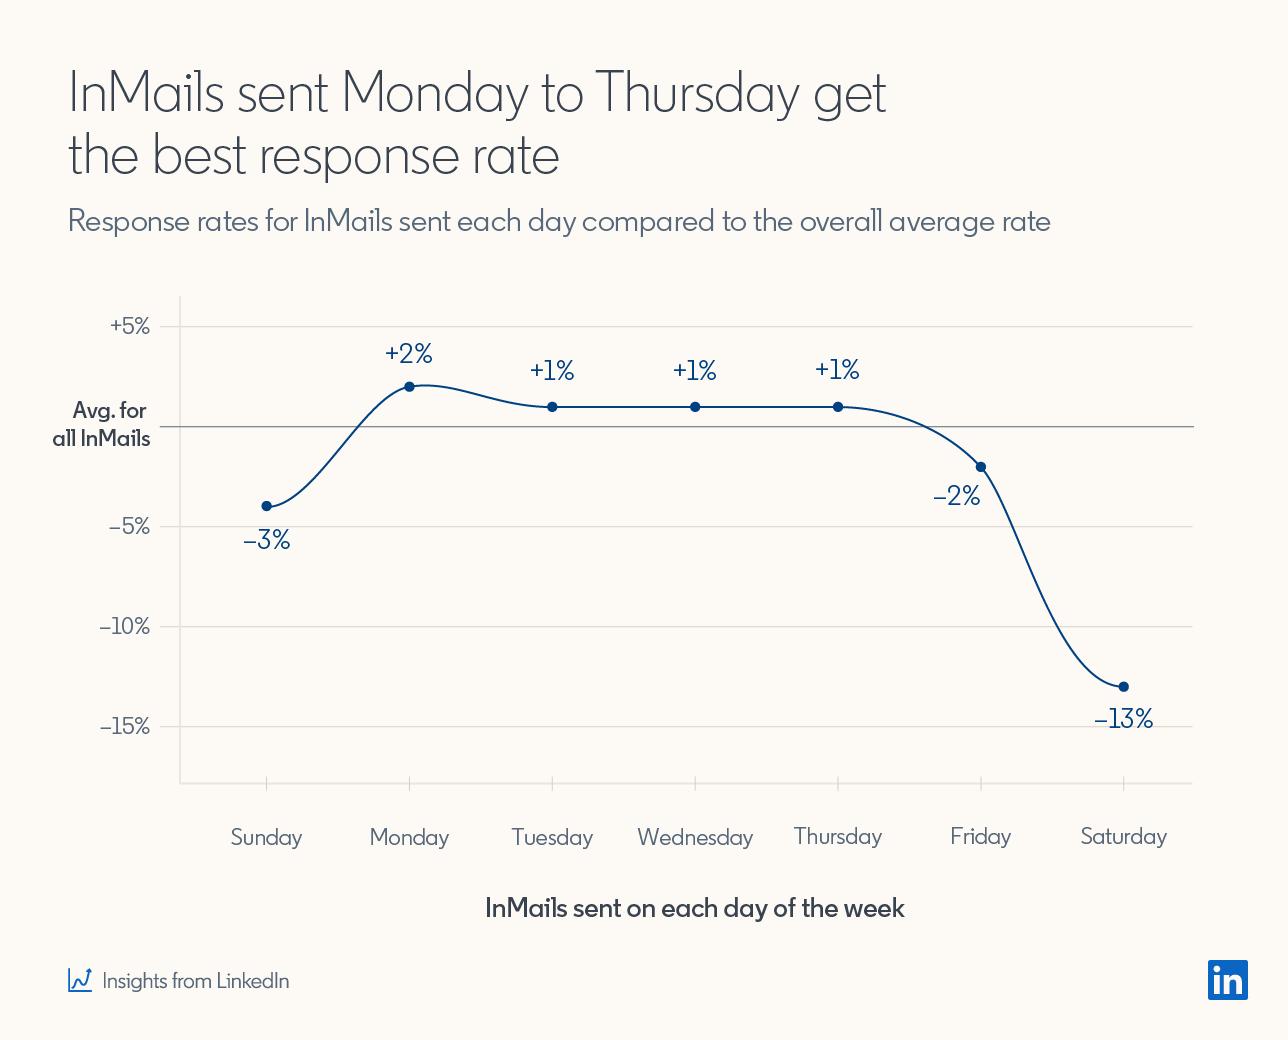 График, показывающий, что сообщения InMails, отправленные с понедельника по четверг, получают лучший отклик